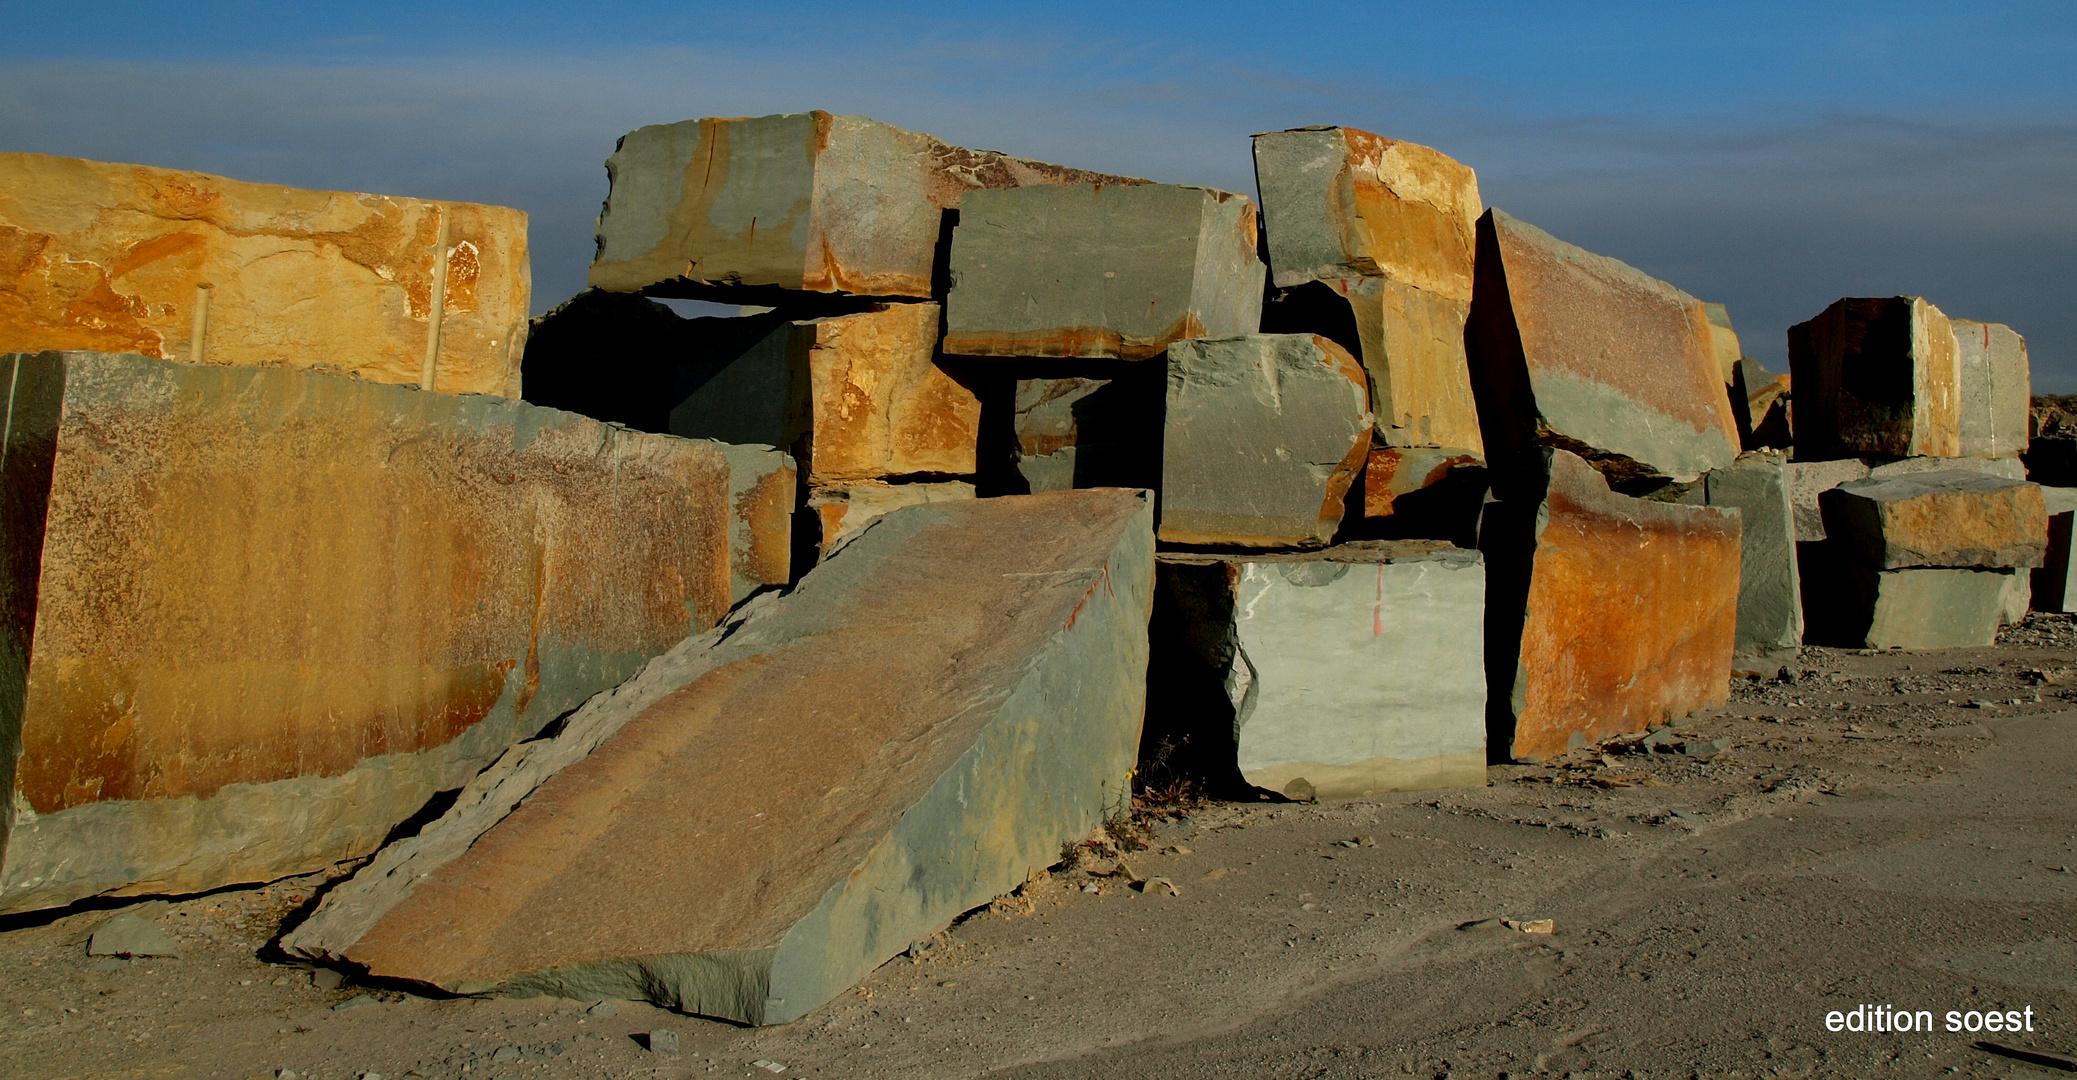 Anröchter Sandstein